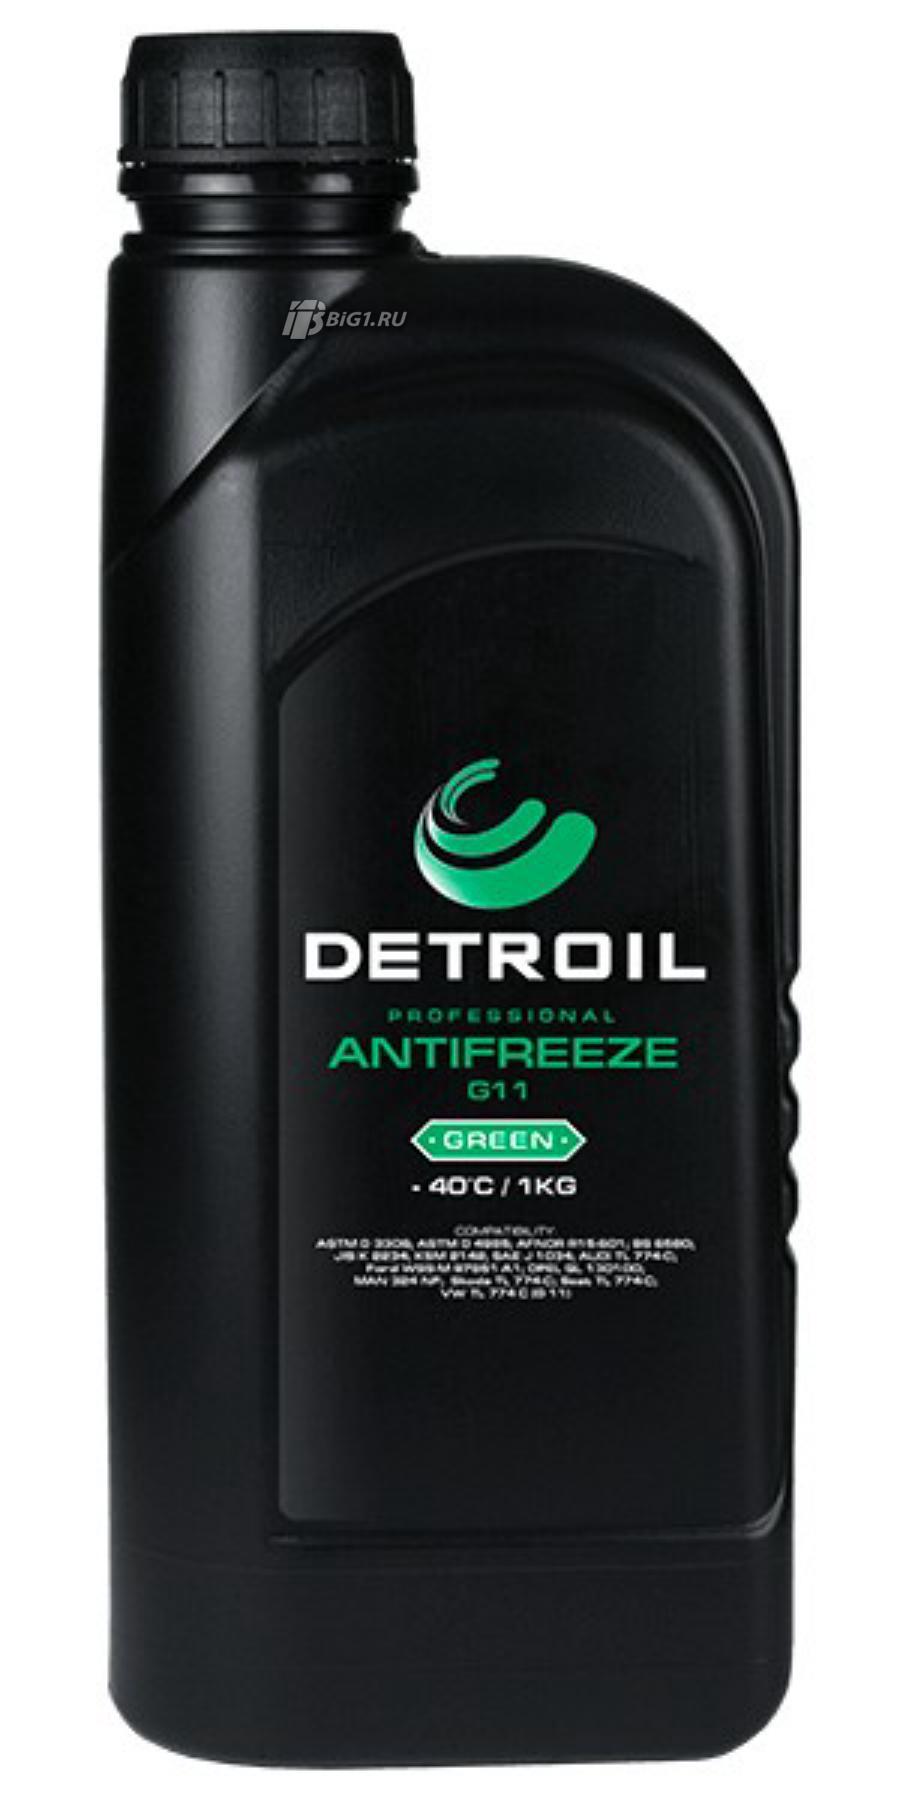 Охлаждающая жидкость DETROIL Antifreeze G11 GREEN (1кг)